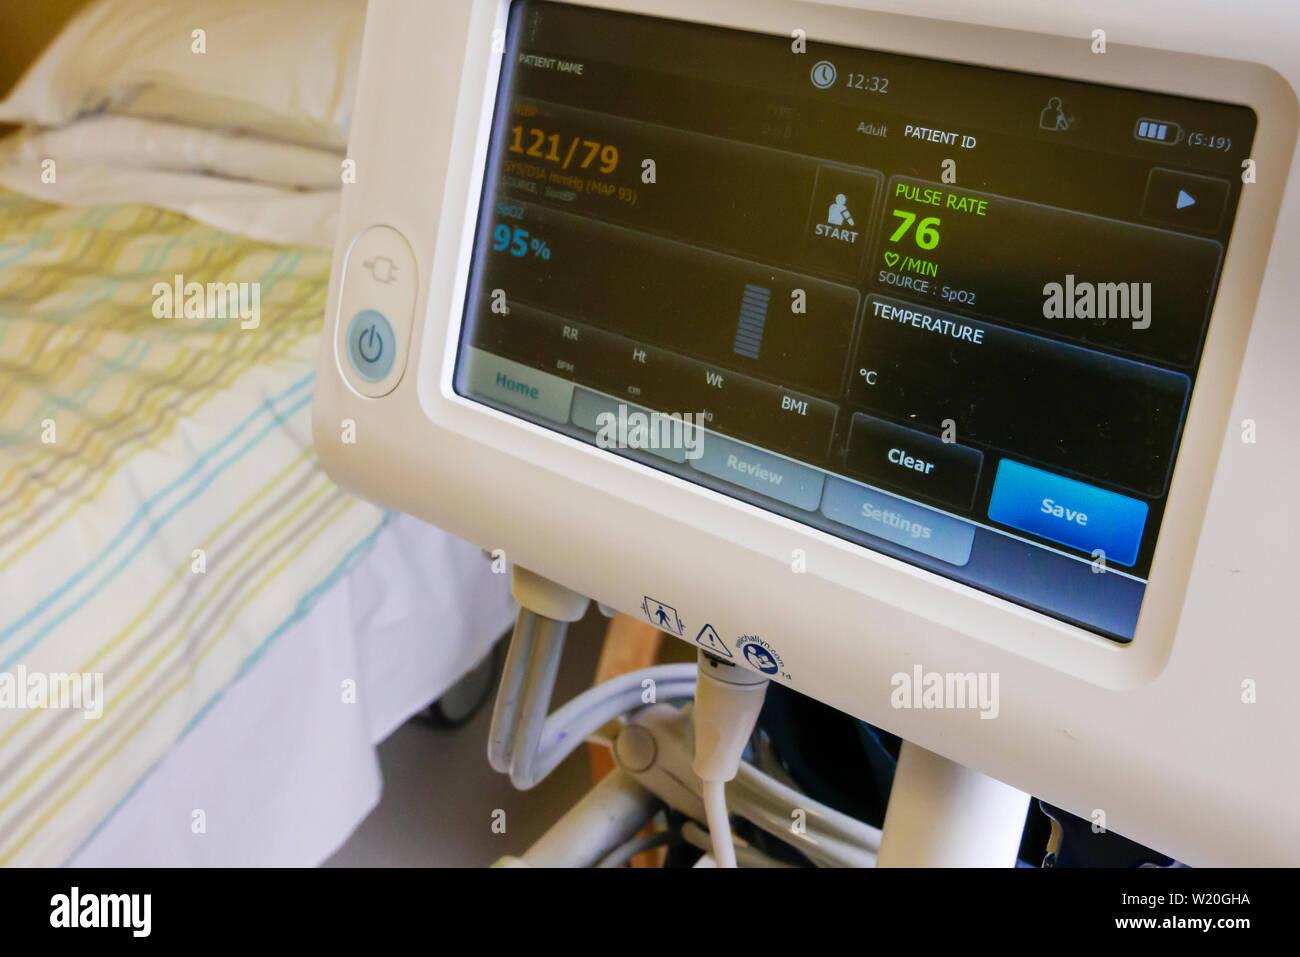 Nhs Patient Oxygen Hospital Stock Photos & Nhs Patient